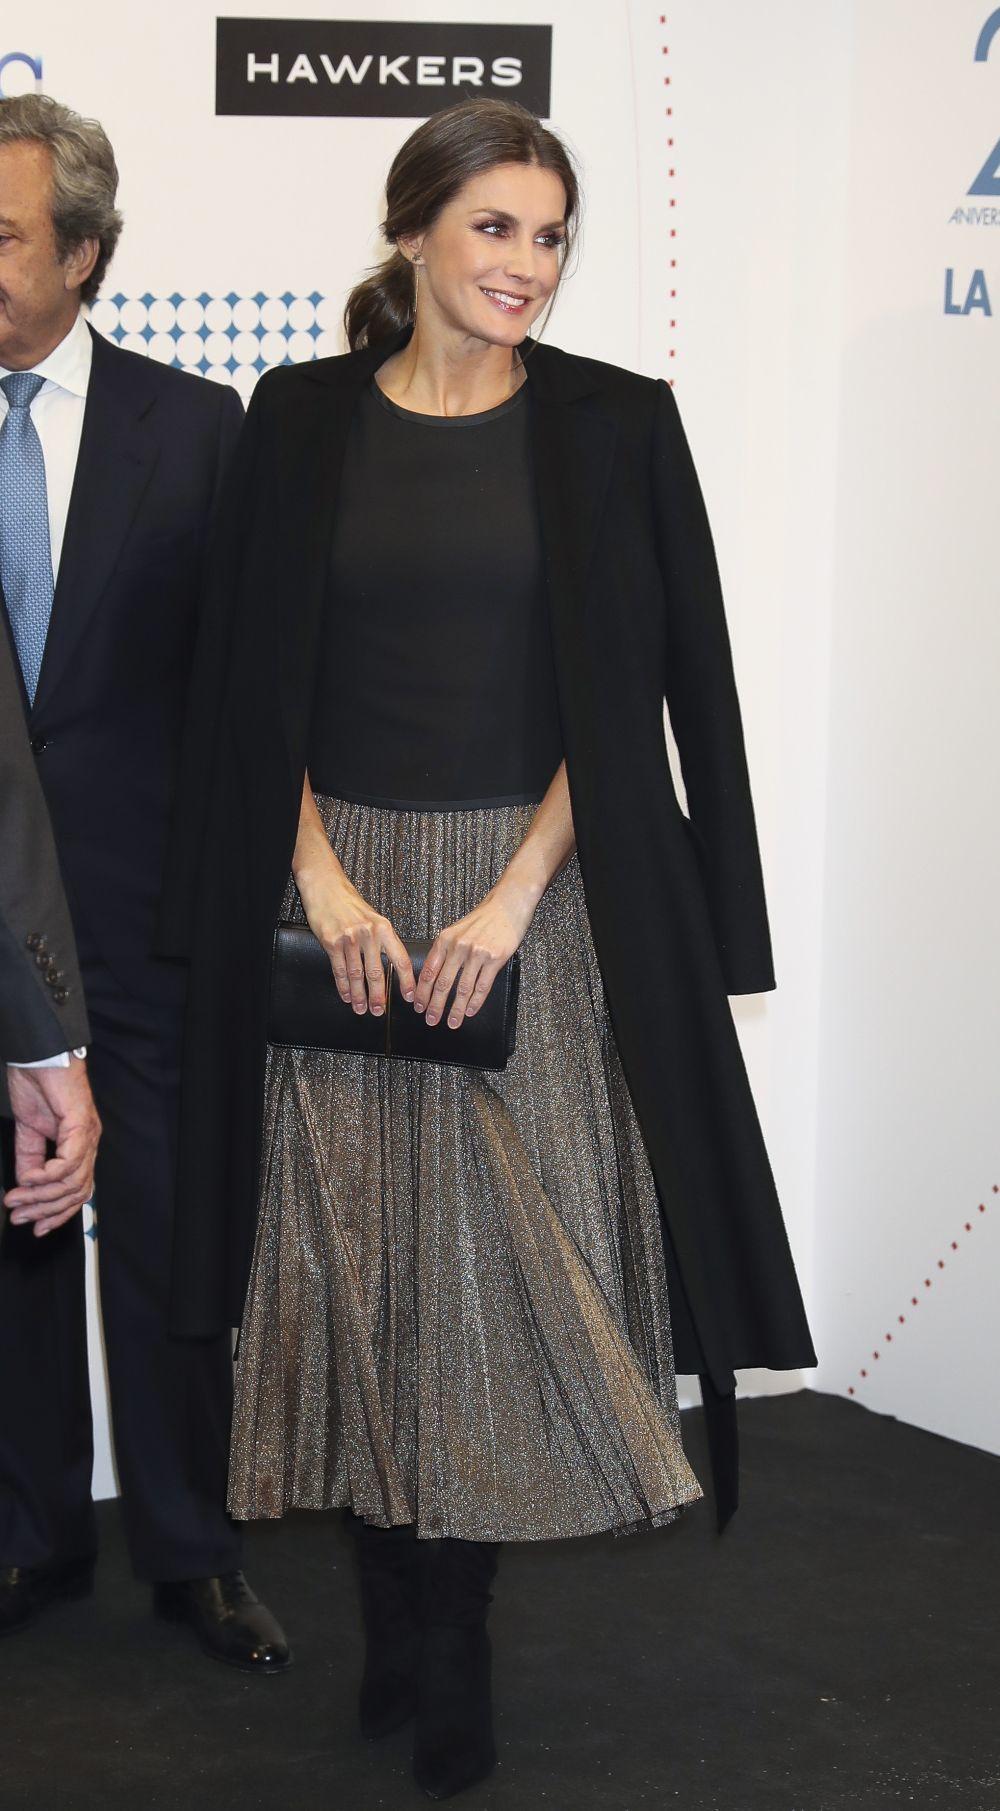 La reina con una sencilla camiseta negra y una falda plisada en color...